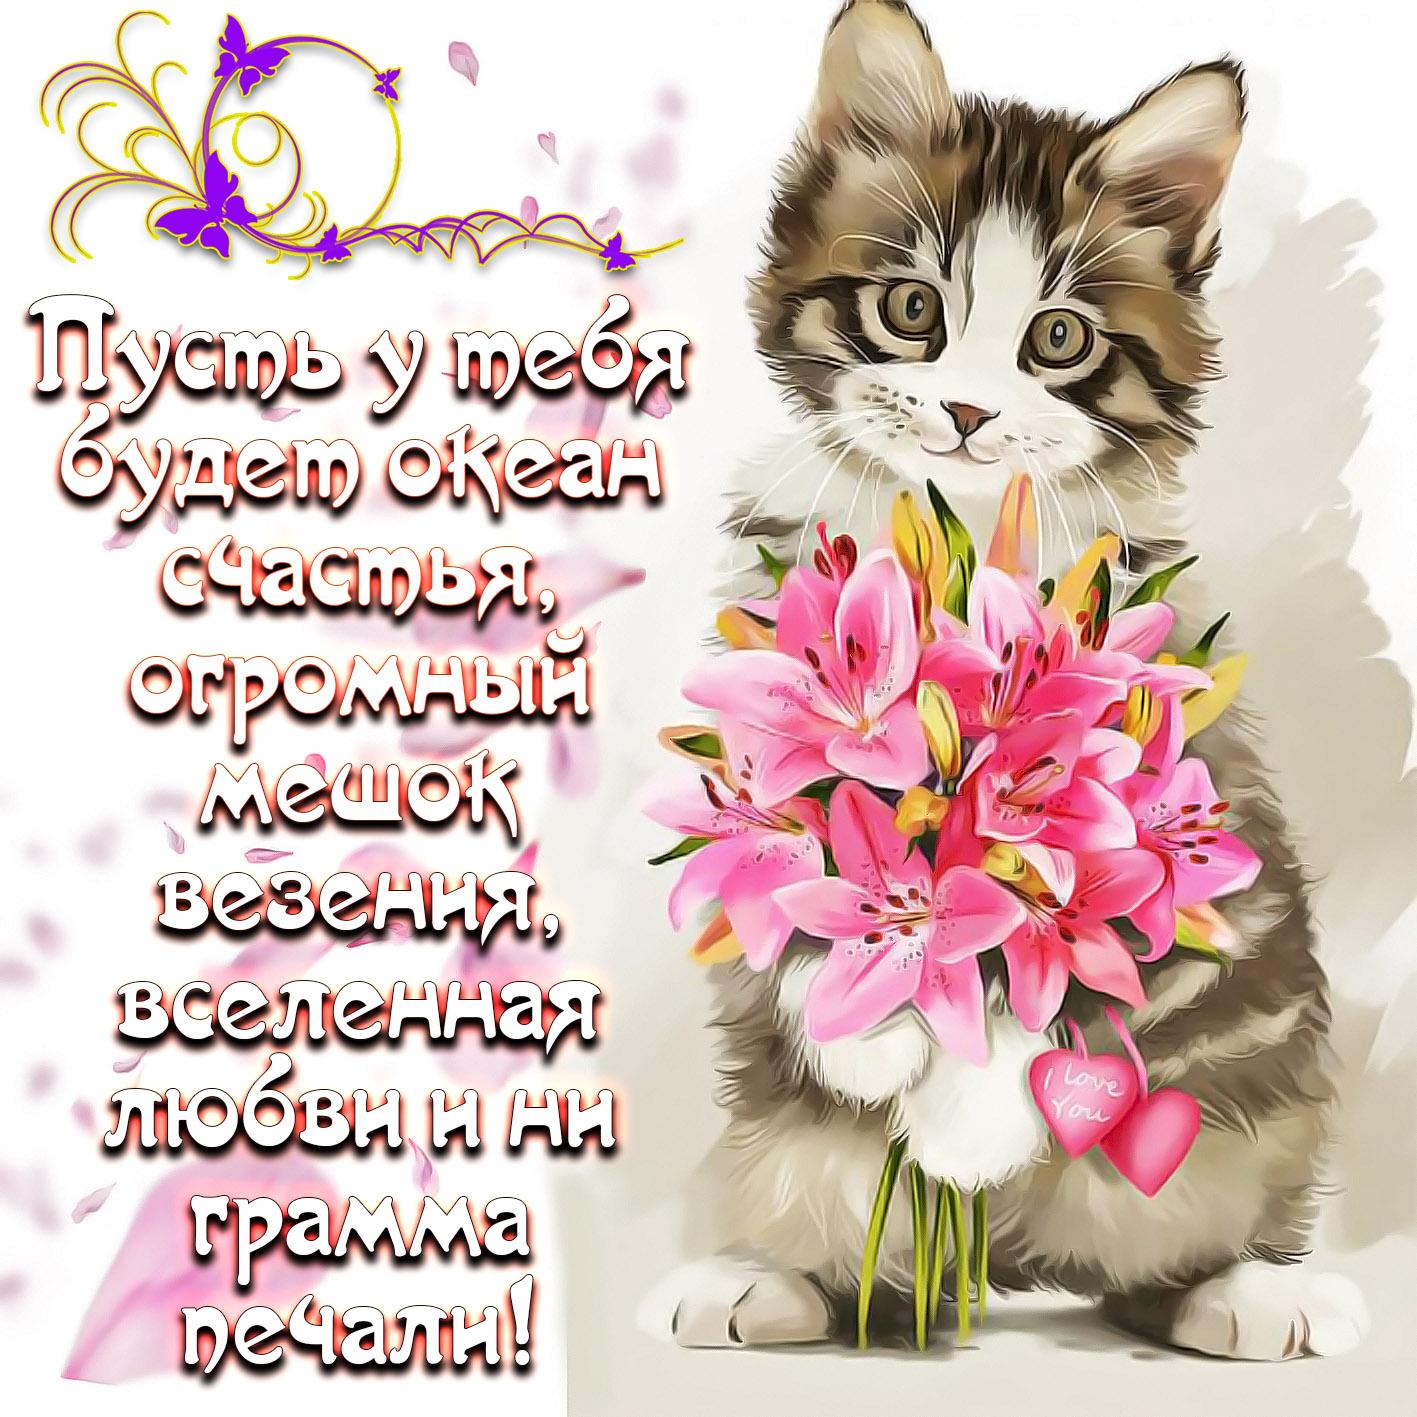 Вам рада, красивые открытки с поздравлениями и пожеланиями